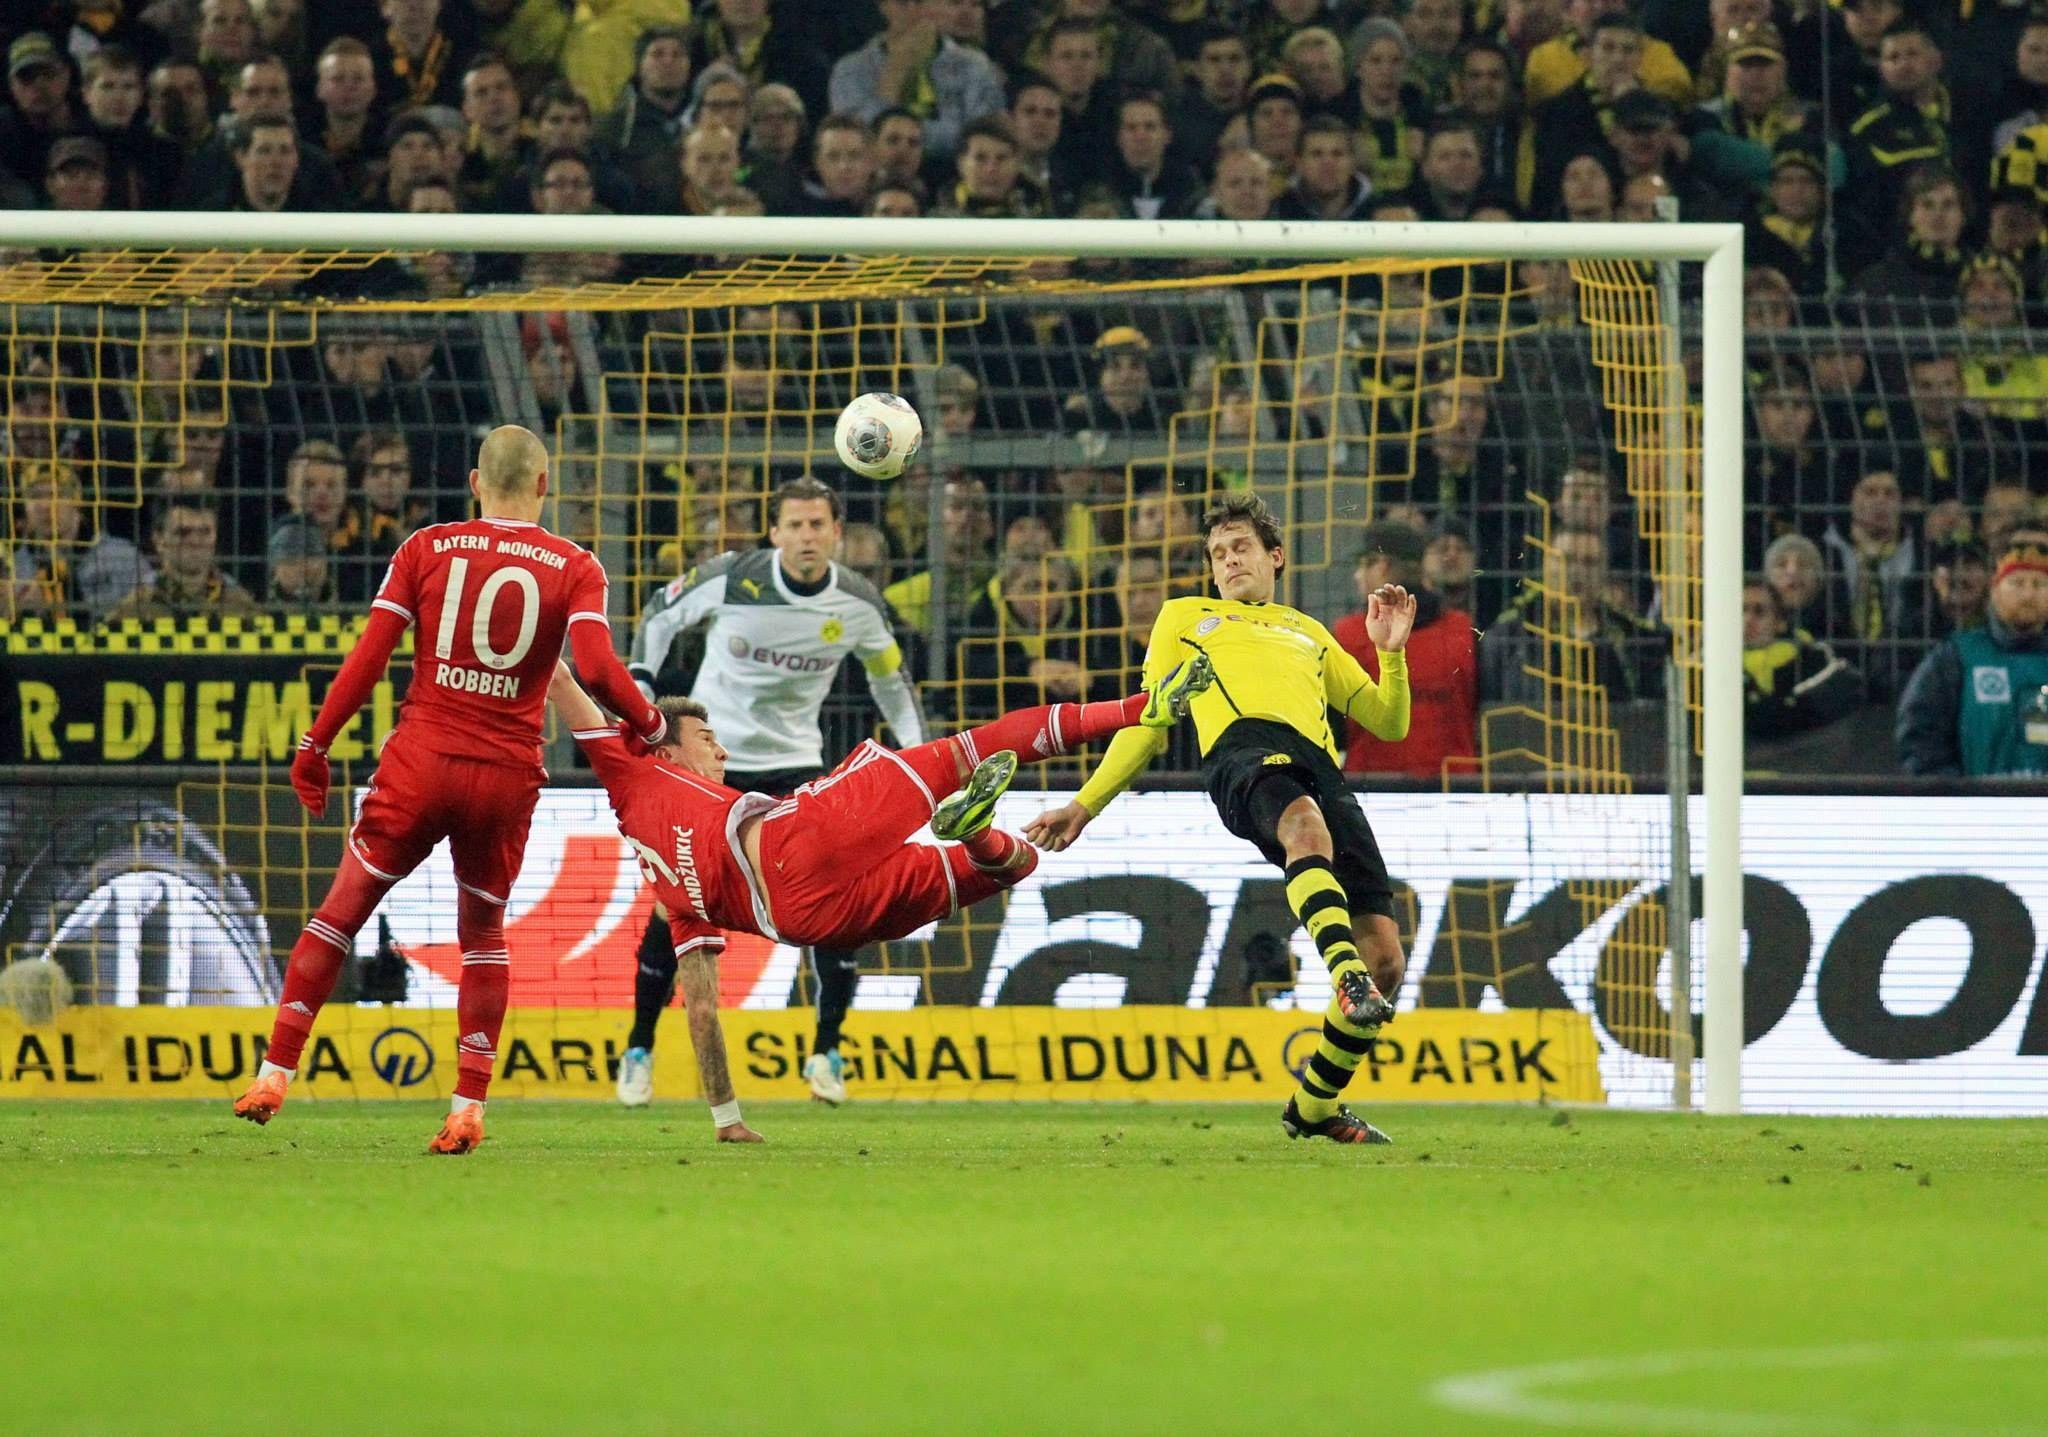 11/23/2013 Borussia Dortmund 0 - 3 FC Bayern München Goalscorer: Götze (66'), Robben (86'), Müller (88')